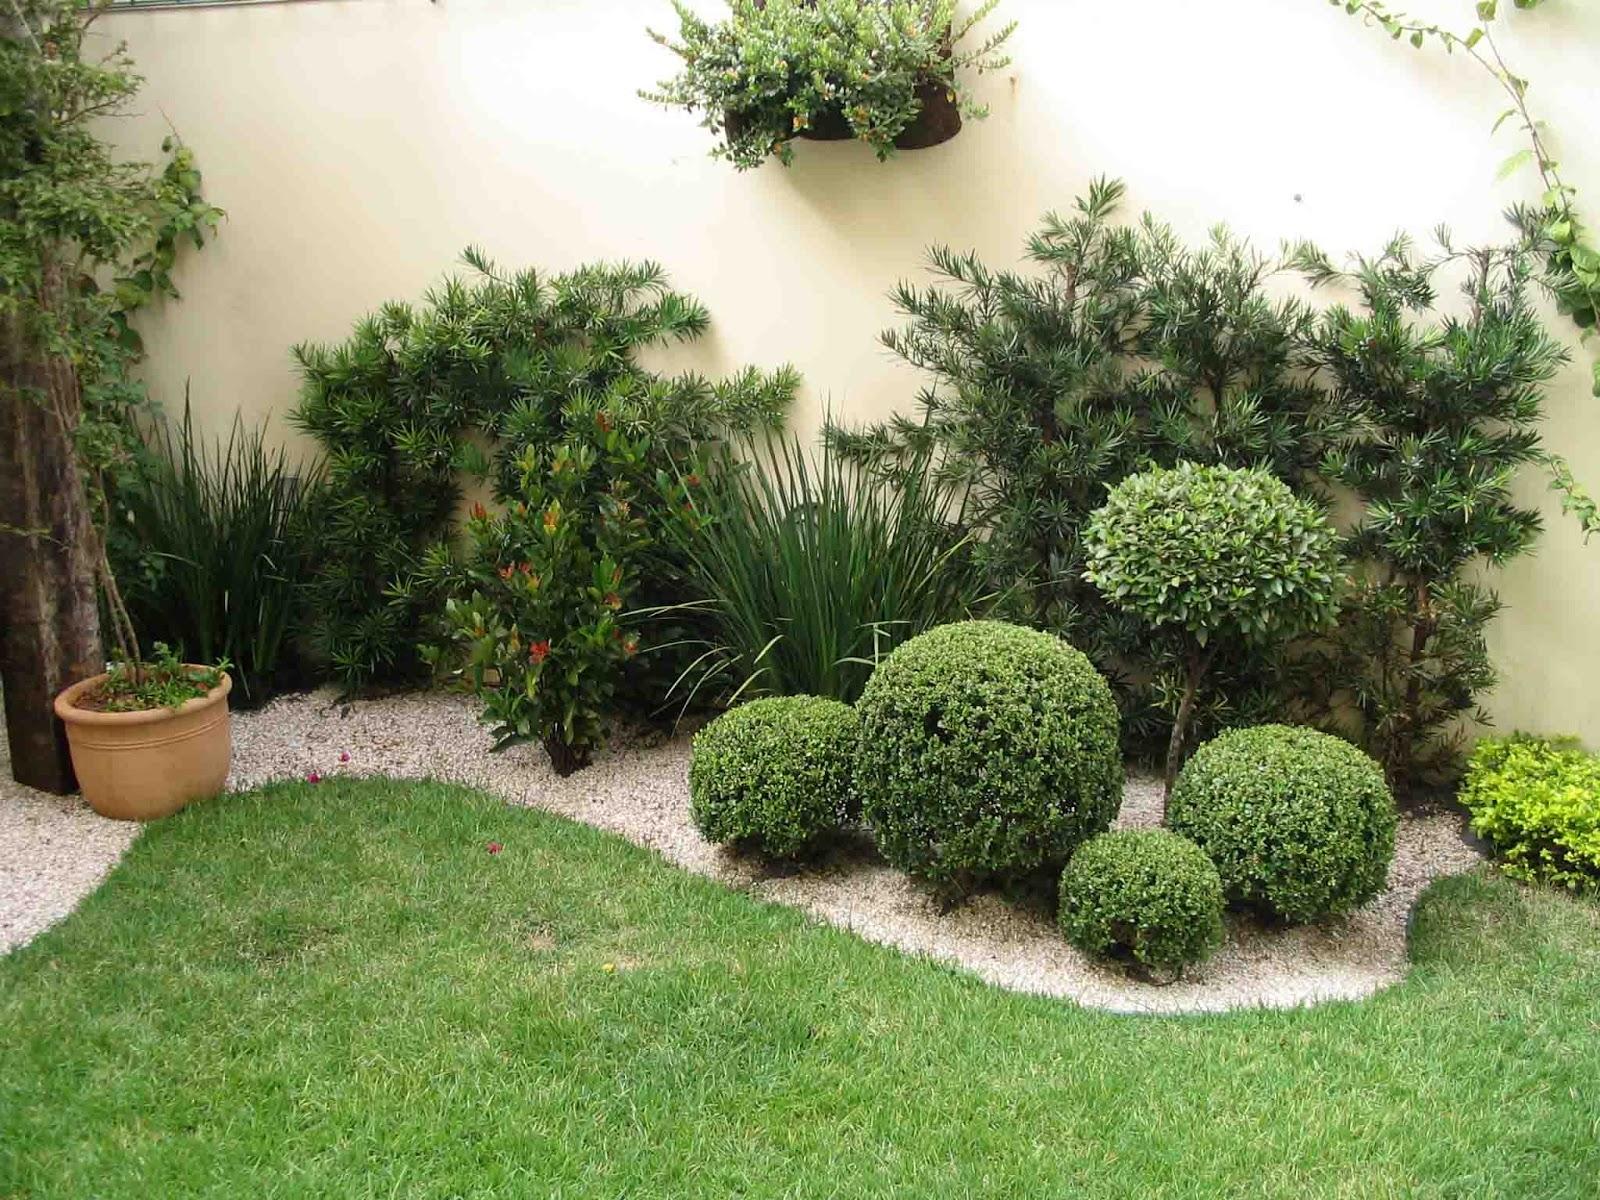 decorar jardim pequeno:S³ ARQUITETURA E PLANEJAMENTO: Jardins: decoração externa?